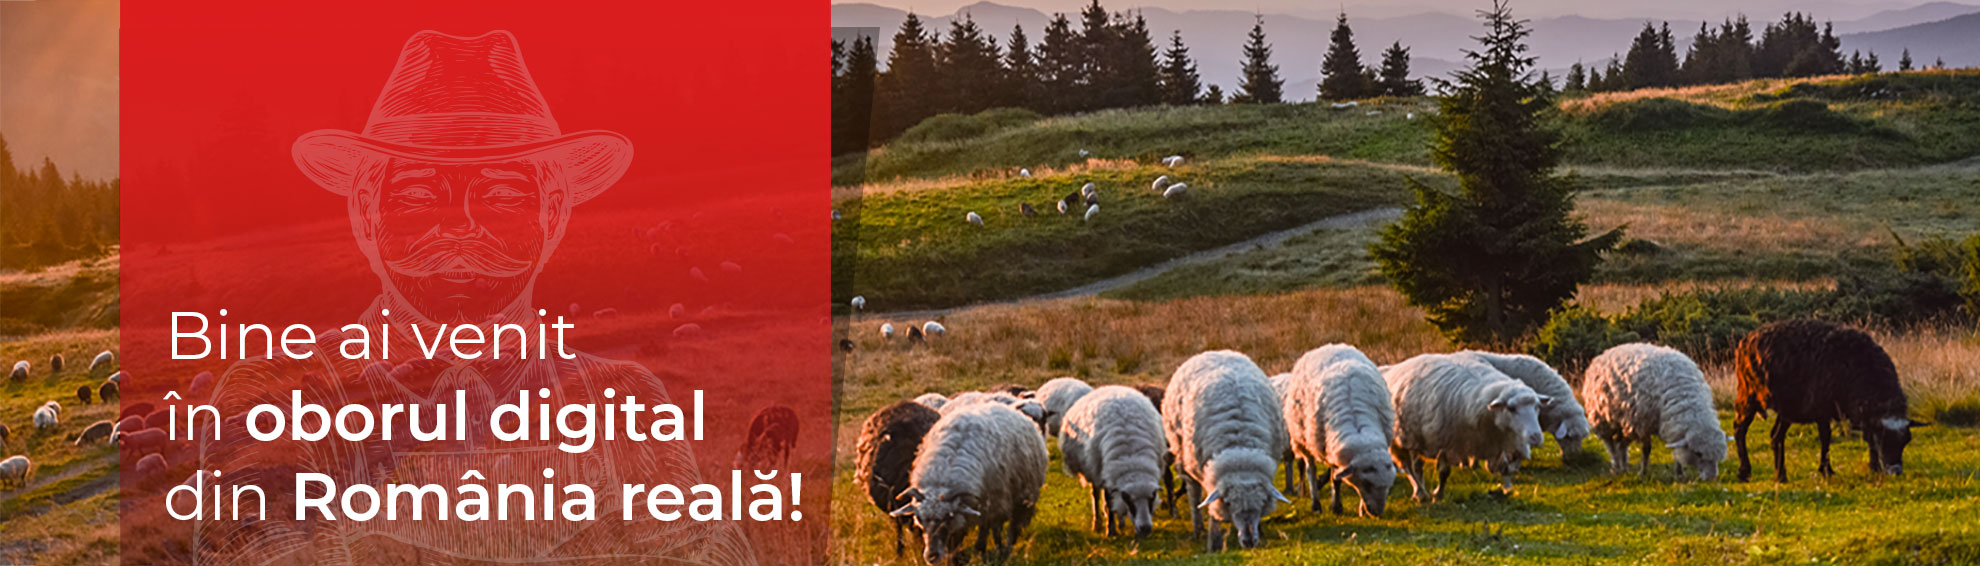 Bine ai venit în oborul digital din România reală!